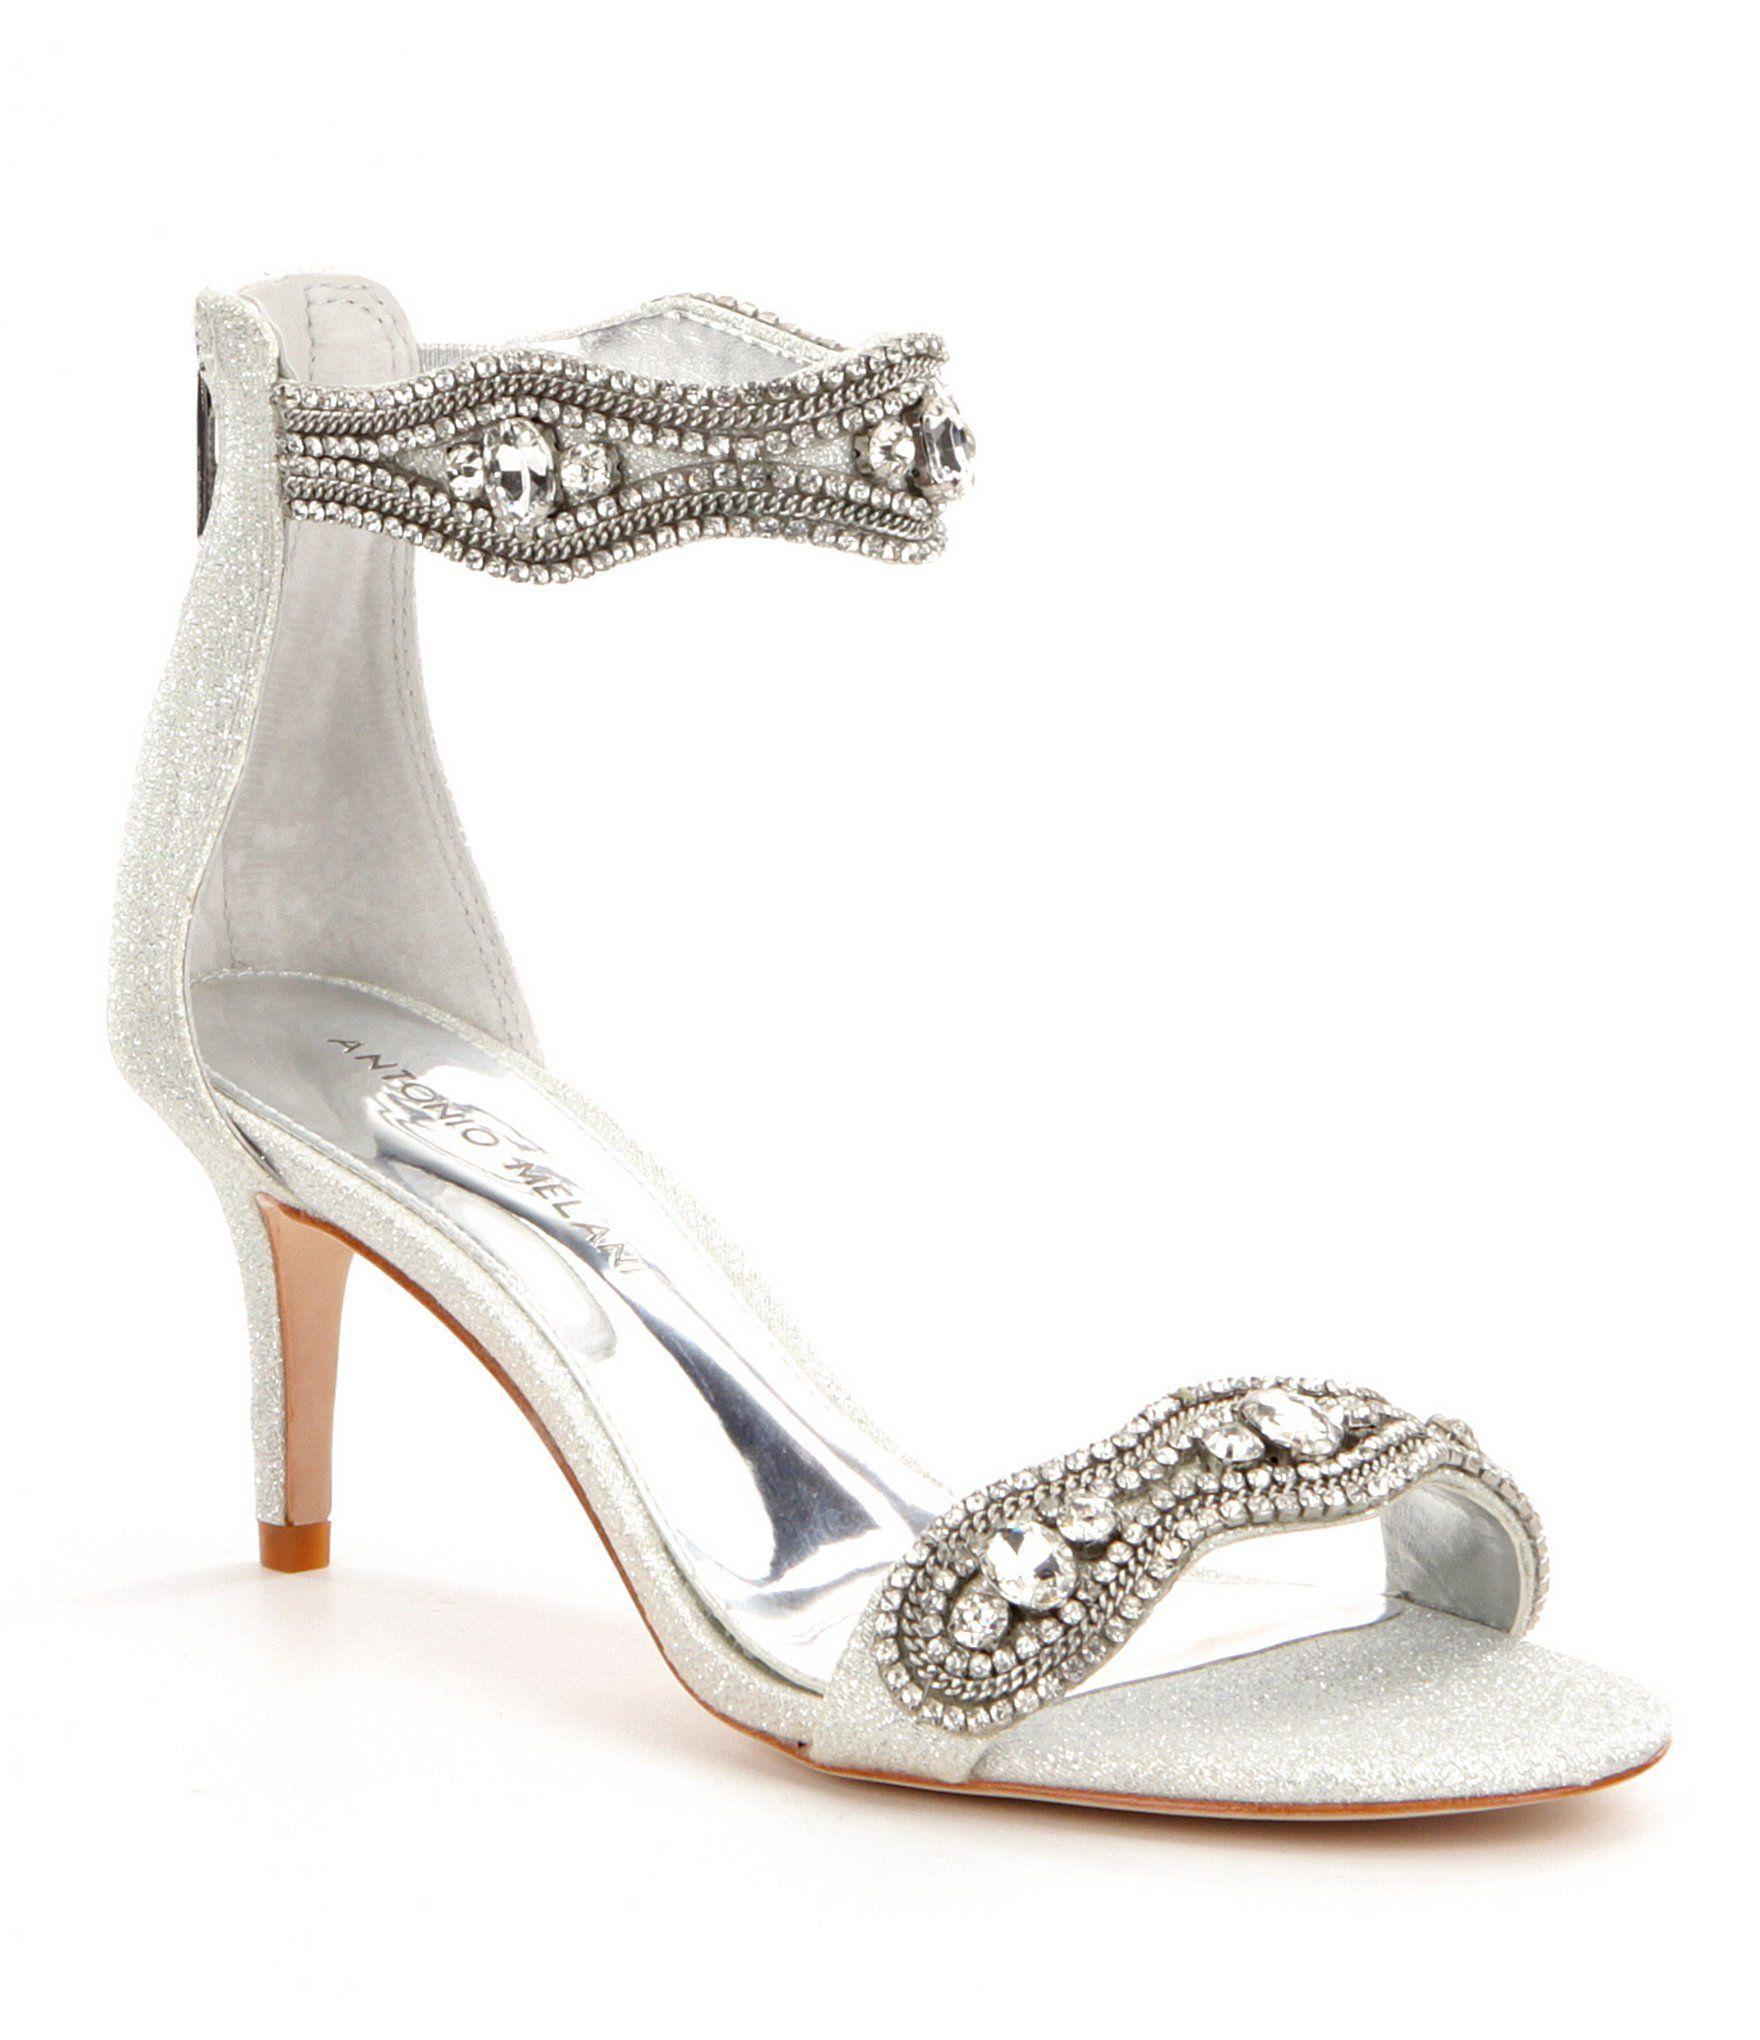 Sadina Rhinestone-Embellished Ankle Strap Fabric Dress Sandals 7YbPkFPd